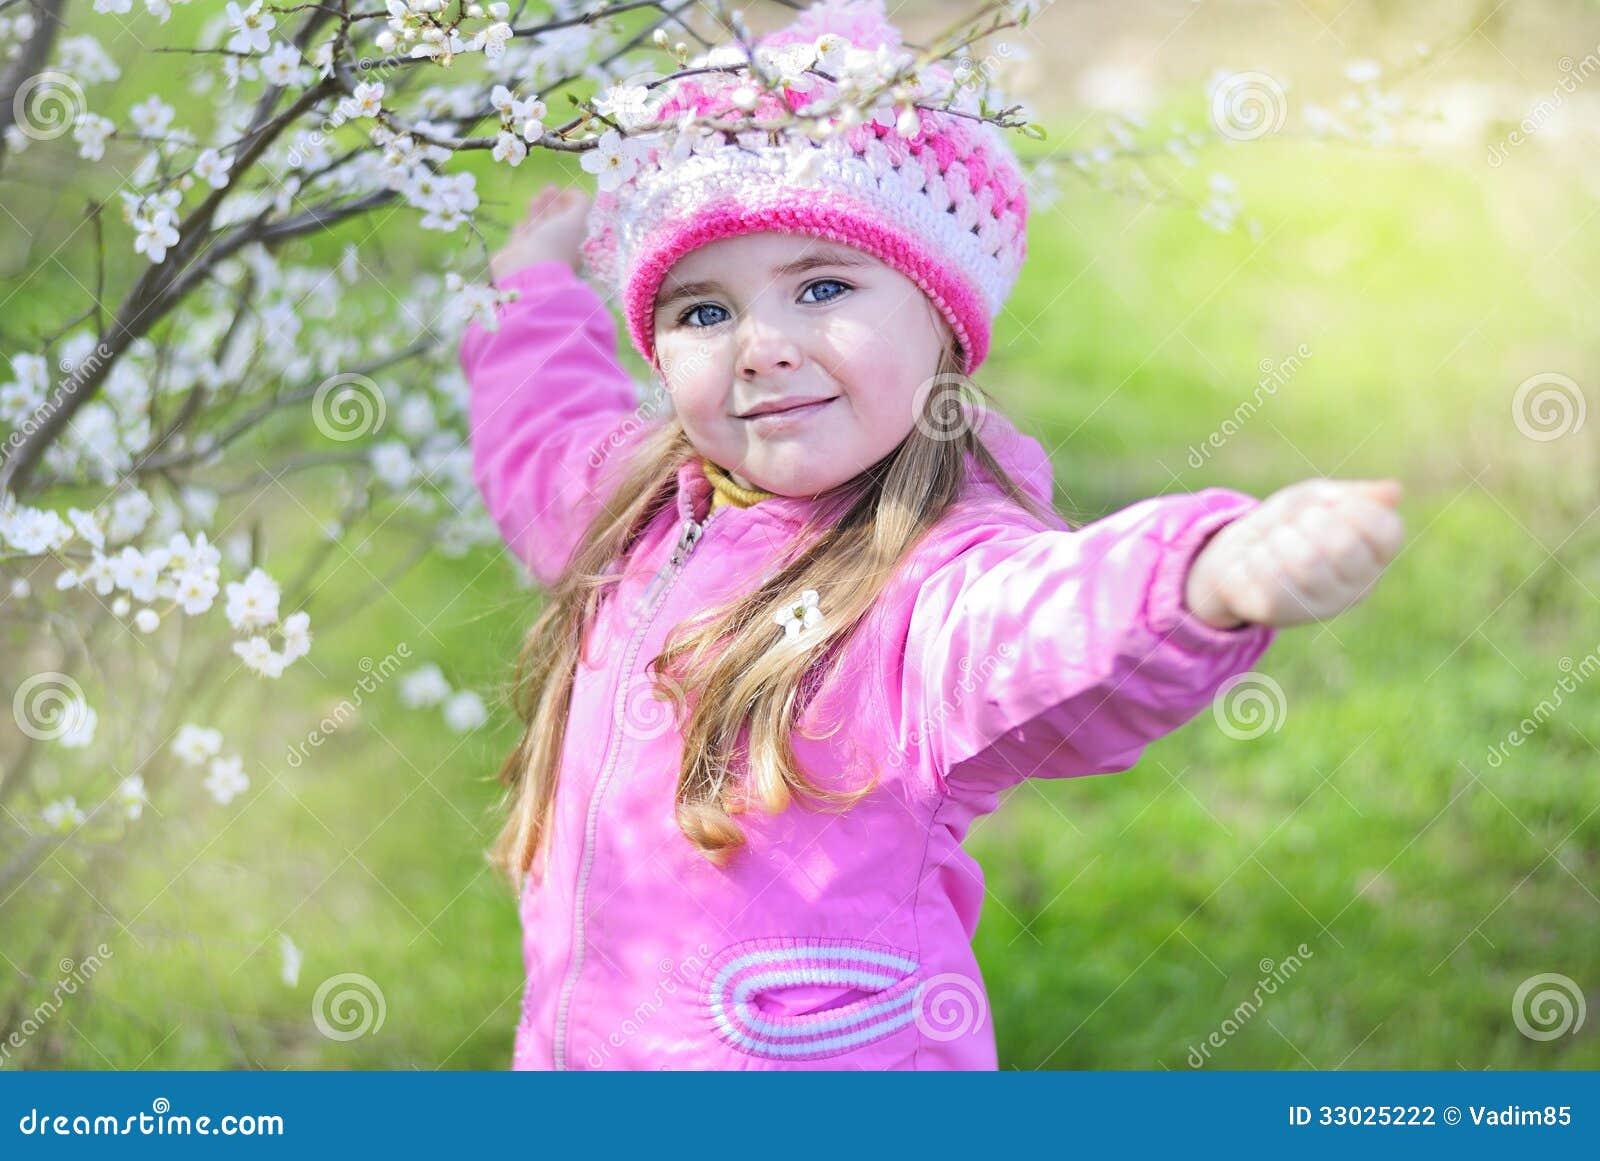 beautiful little girl near a flowering tree stock